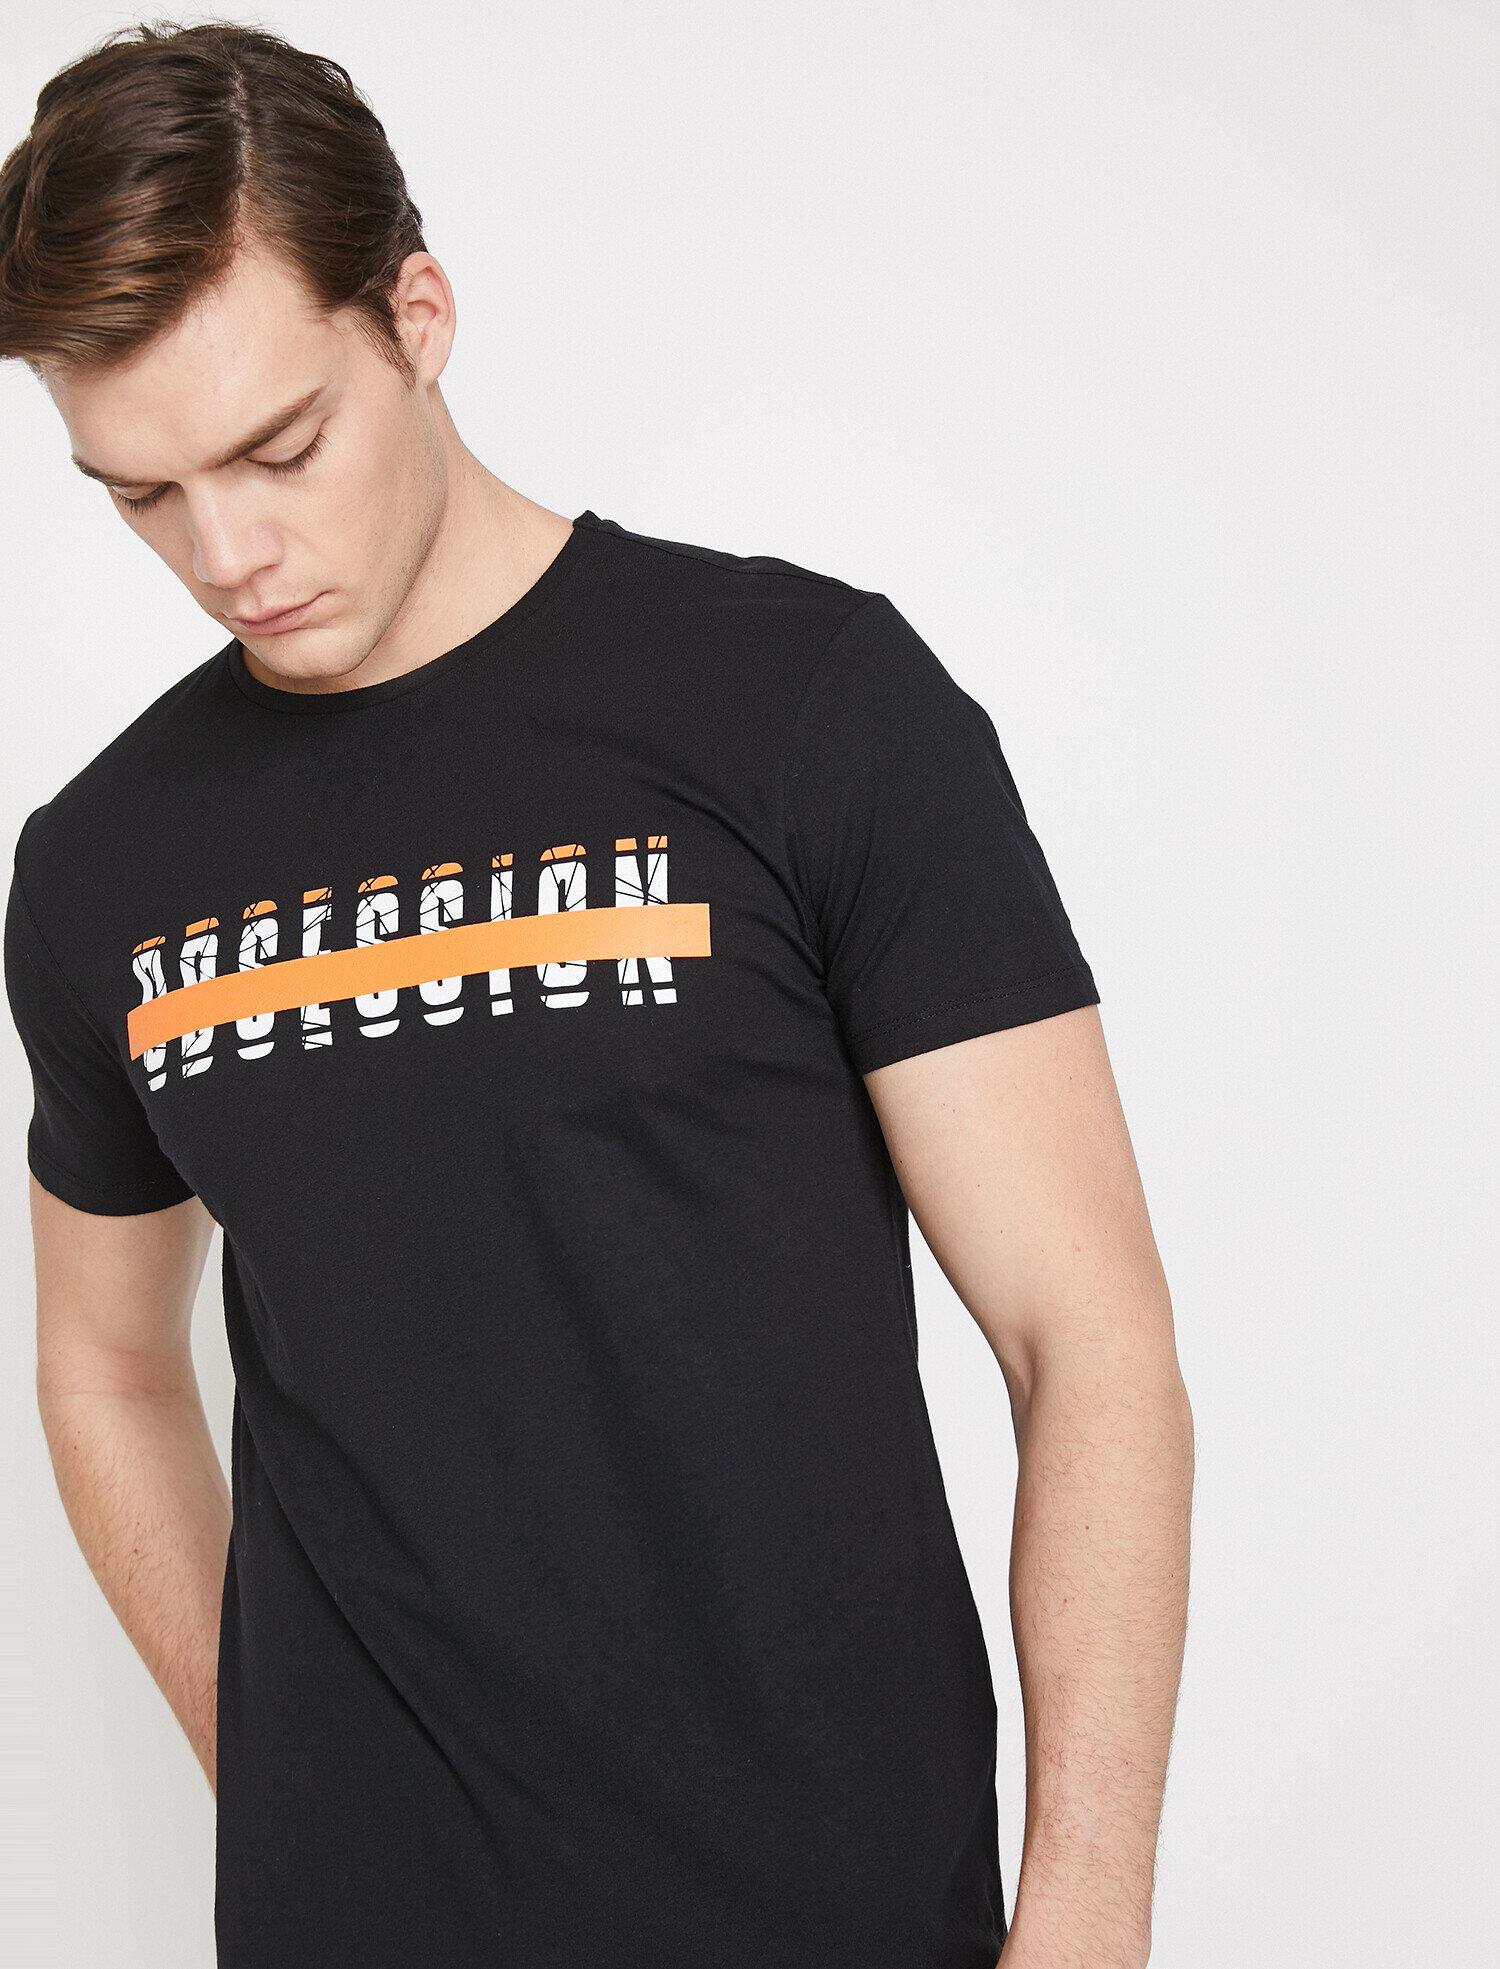 Koton Erkek Yazili Baskili T-Shirt Siyah Ürün Resmi